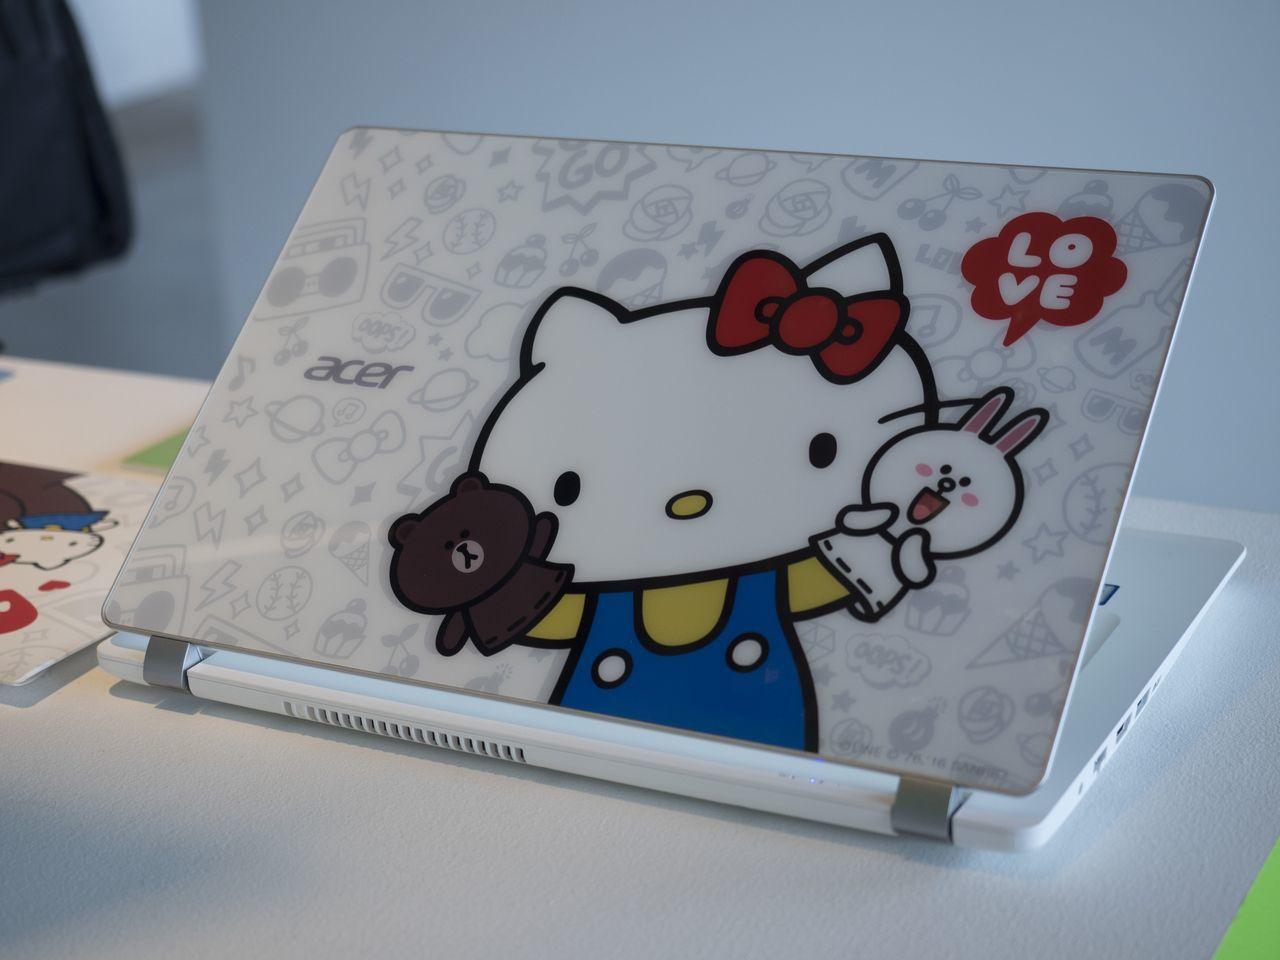 Next@Acer: Самый мощный игровой ноутбук с воздушным охлаждением, велокомпьютер, Chromebook для работы и другие новинки - 49